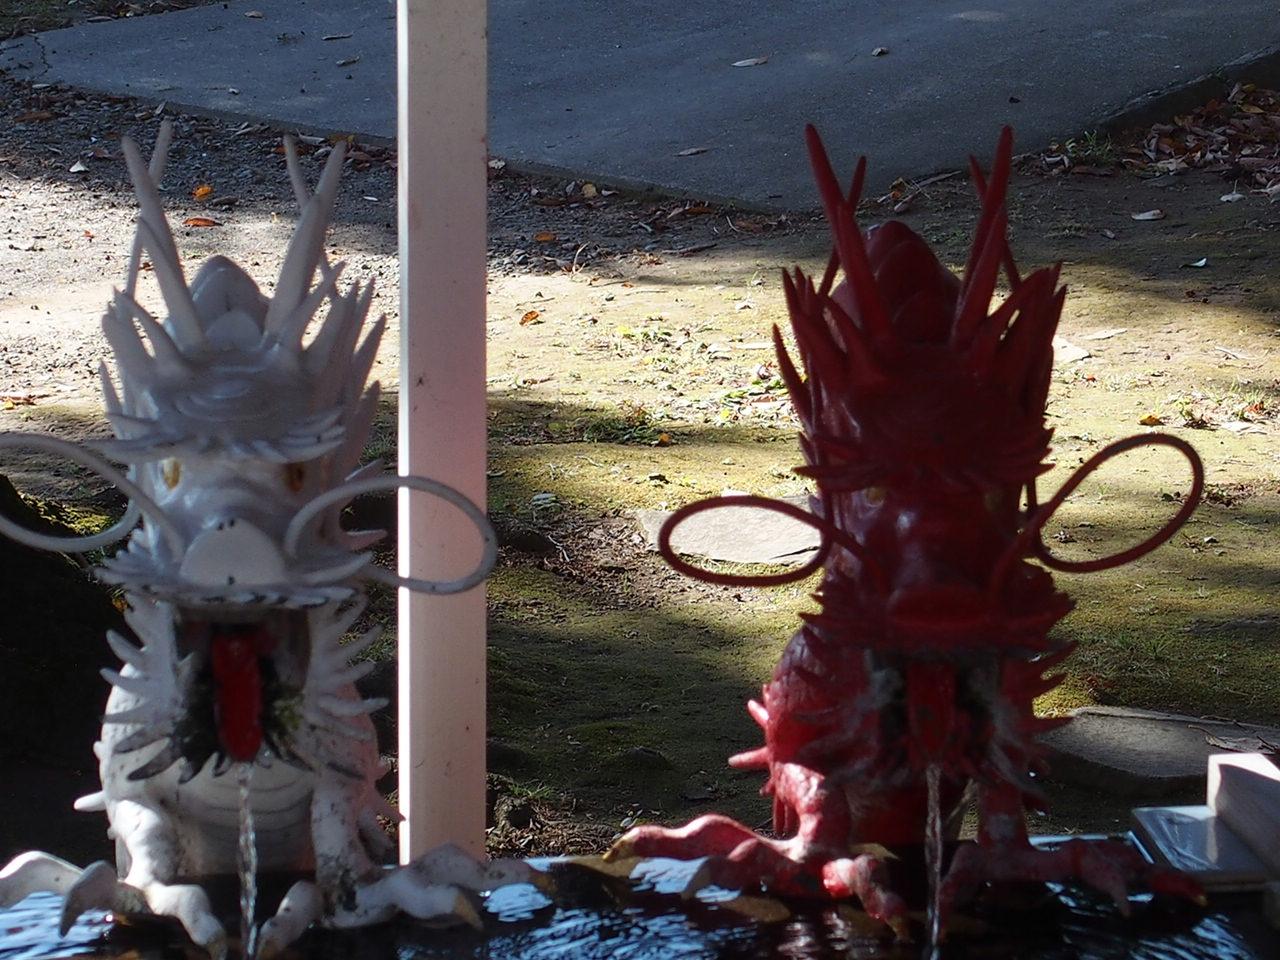 伊豆山神社の手水舎にご鎮座される赤龍と白龍